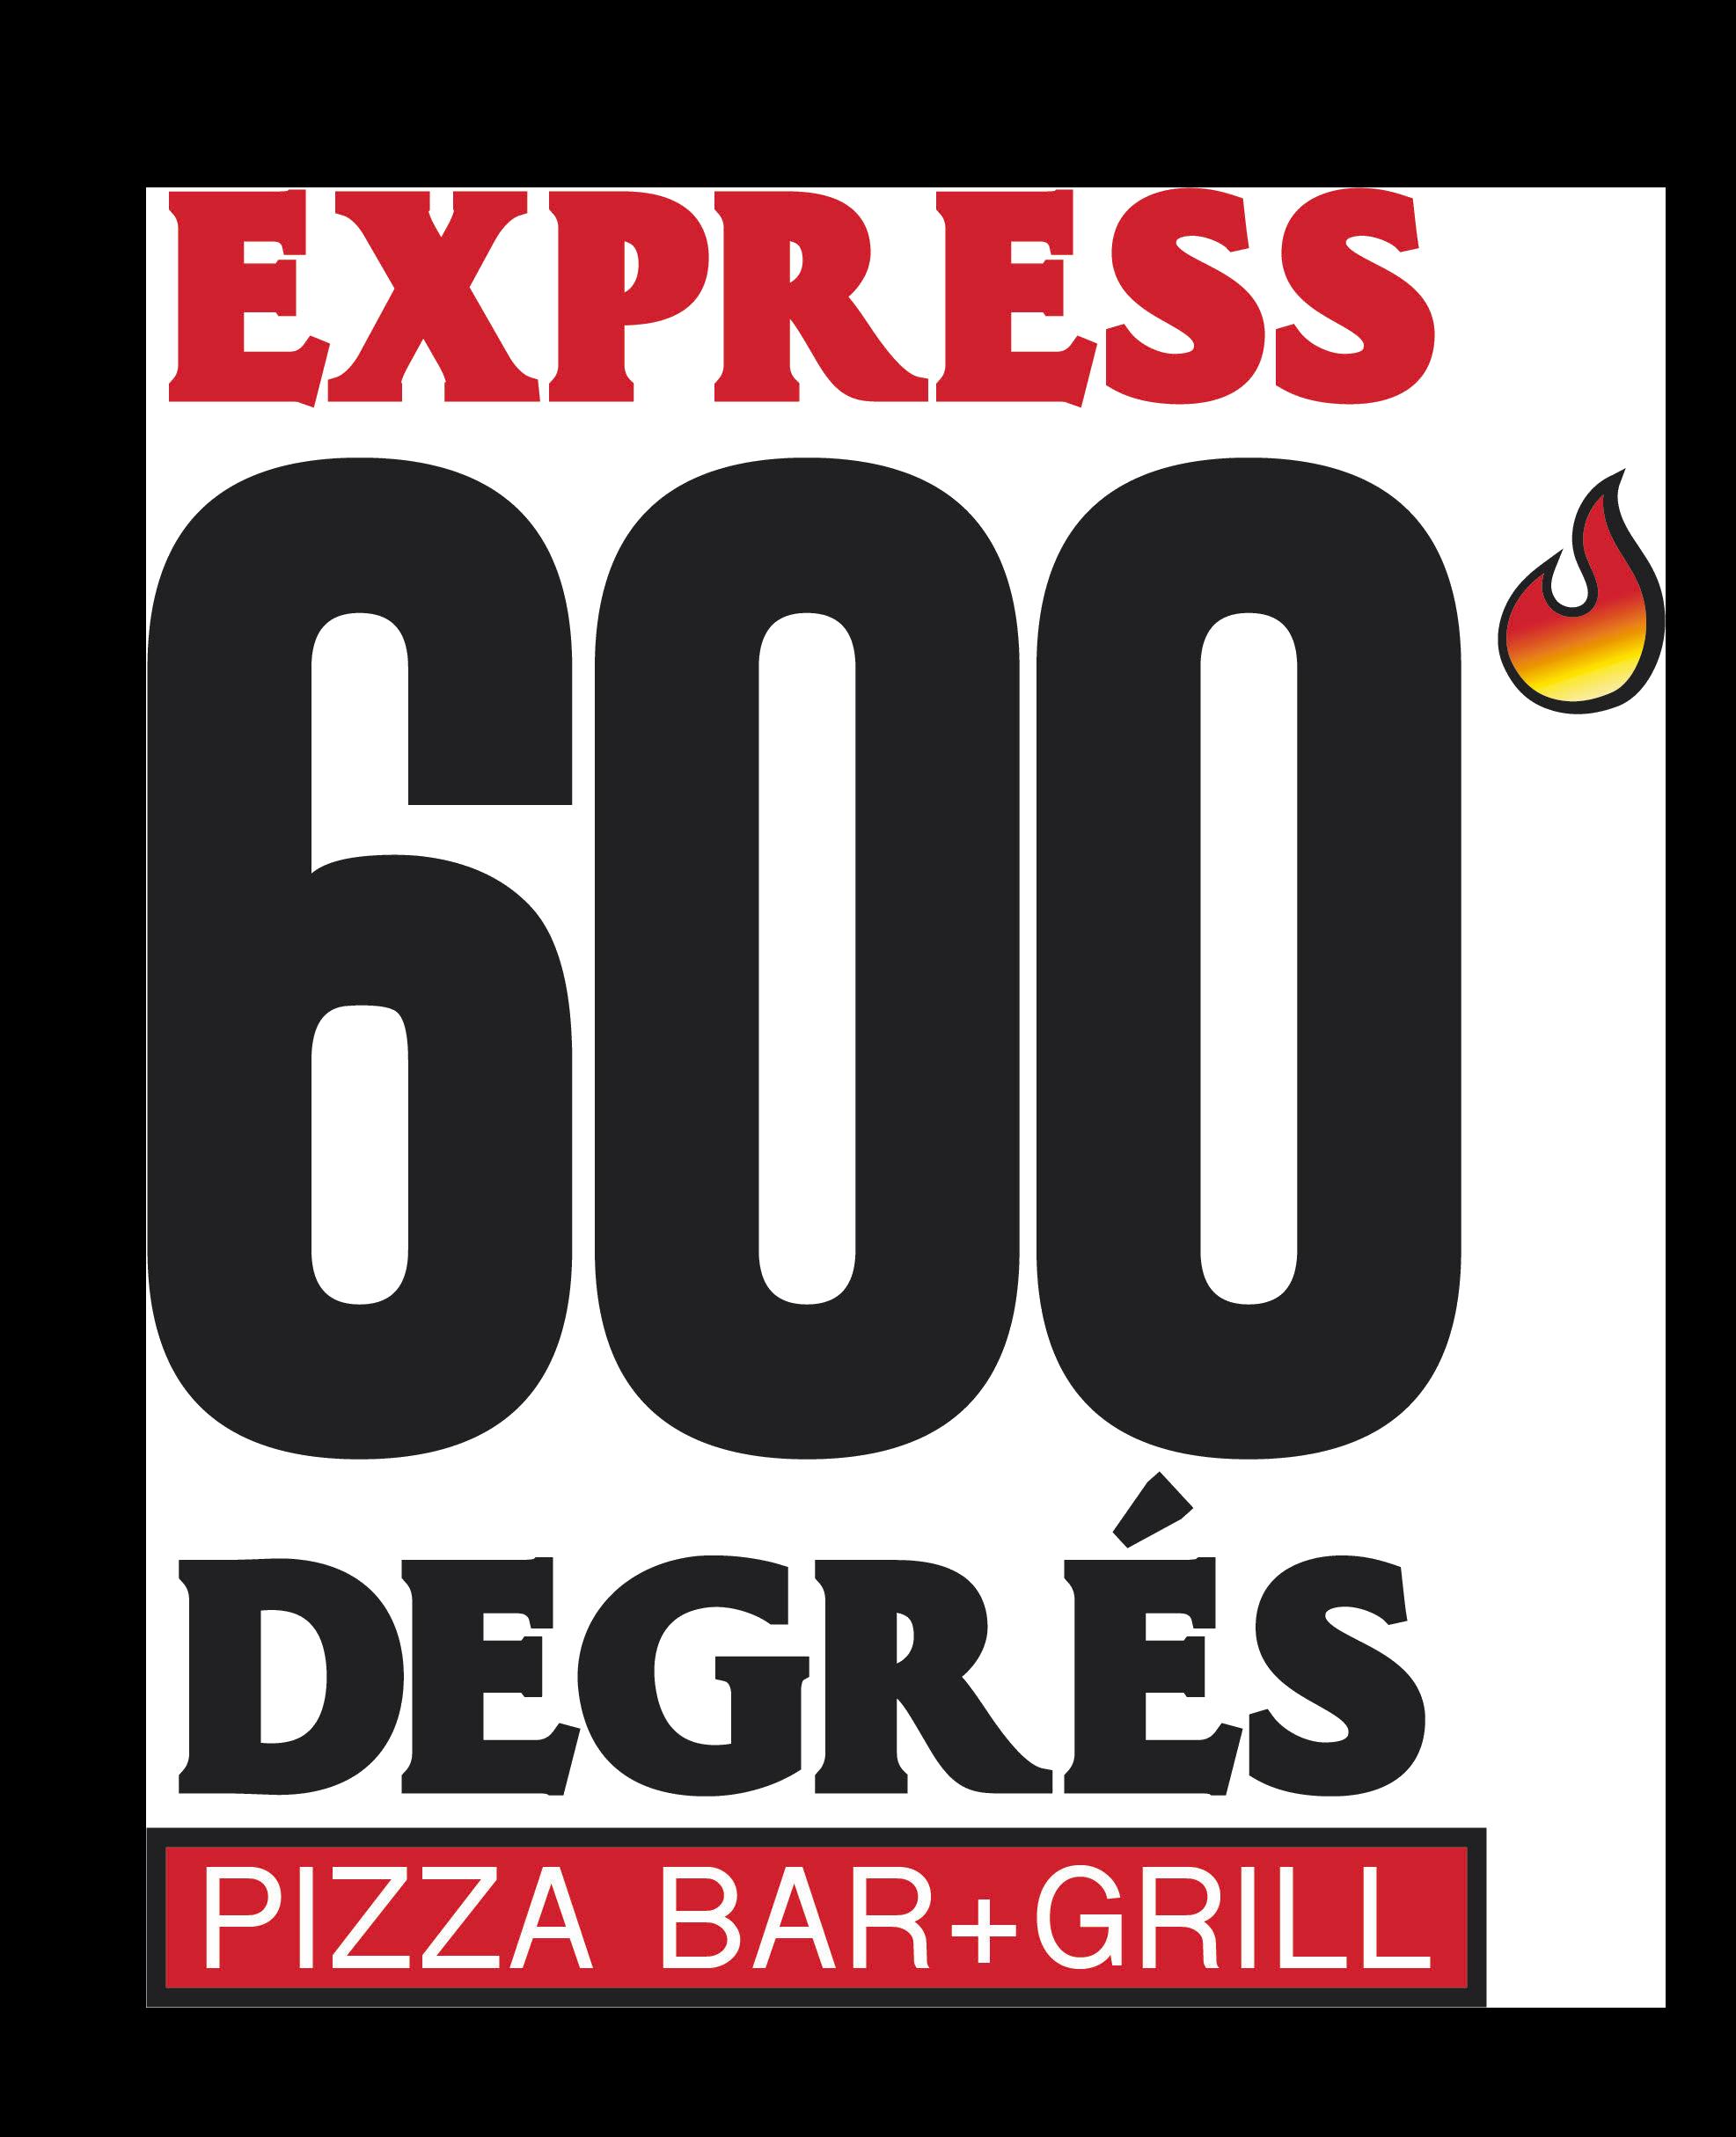 Express 600 Degrés